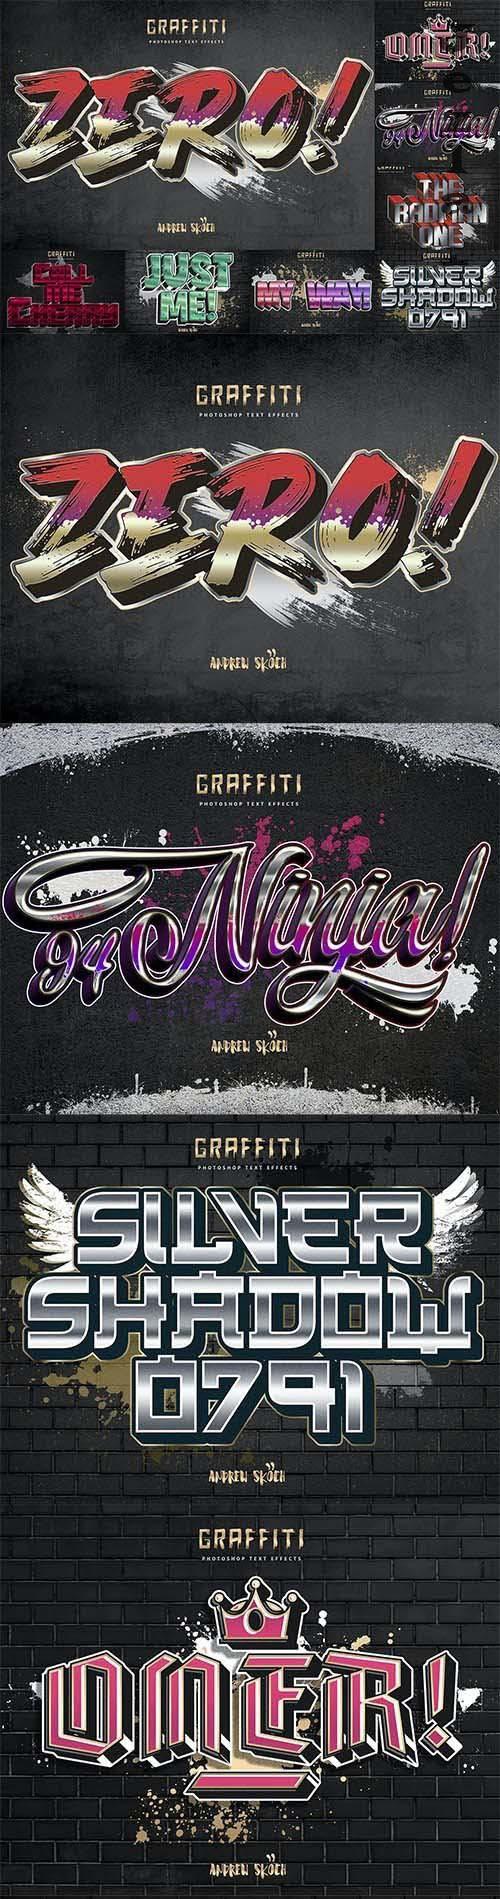 Graffiti Text Effeect vol 4